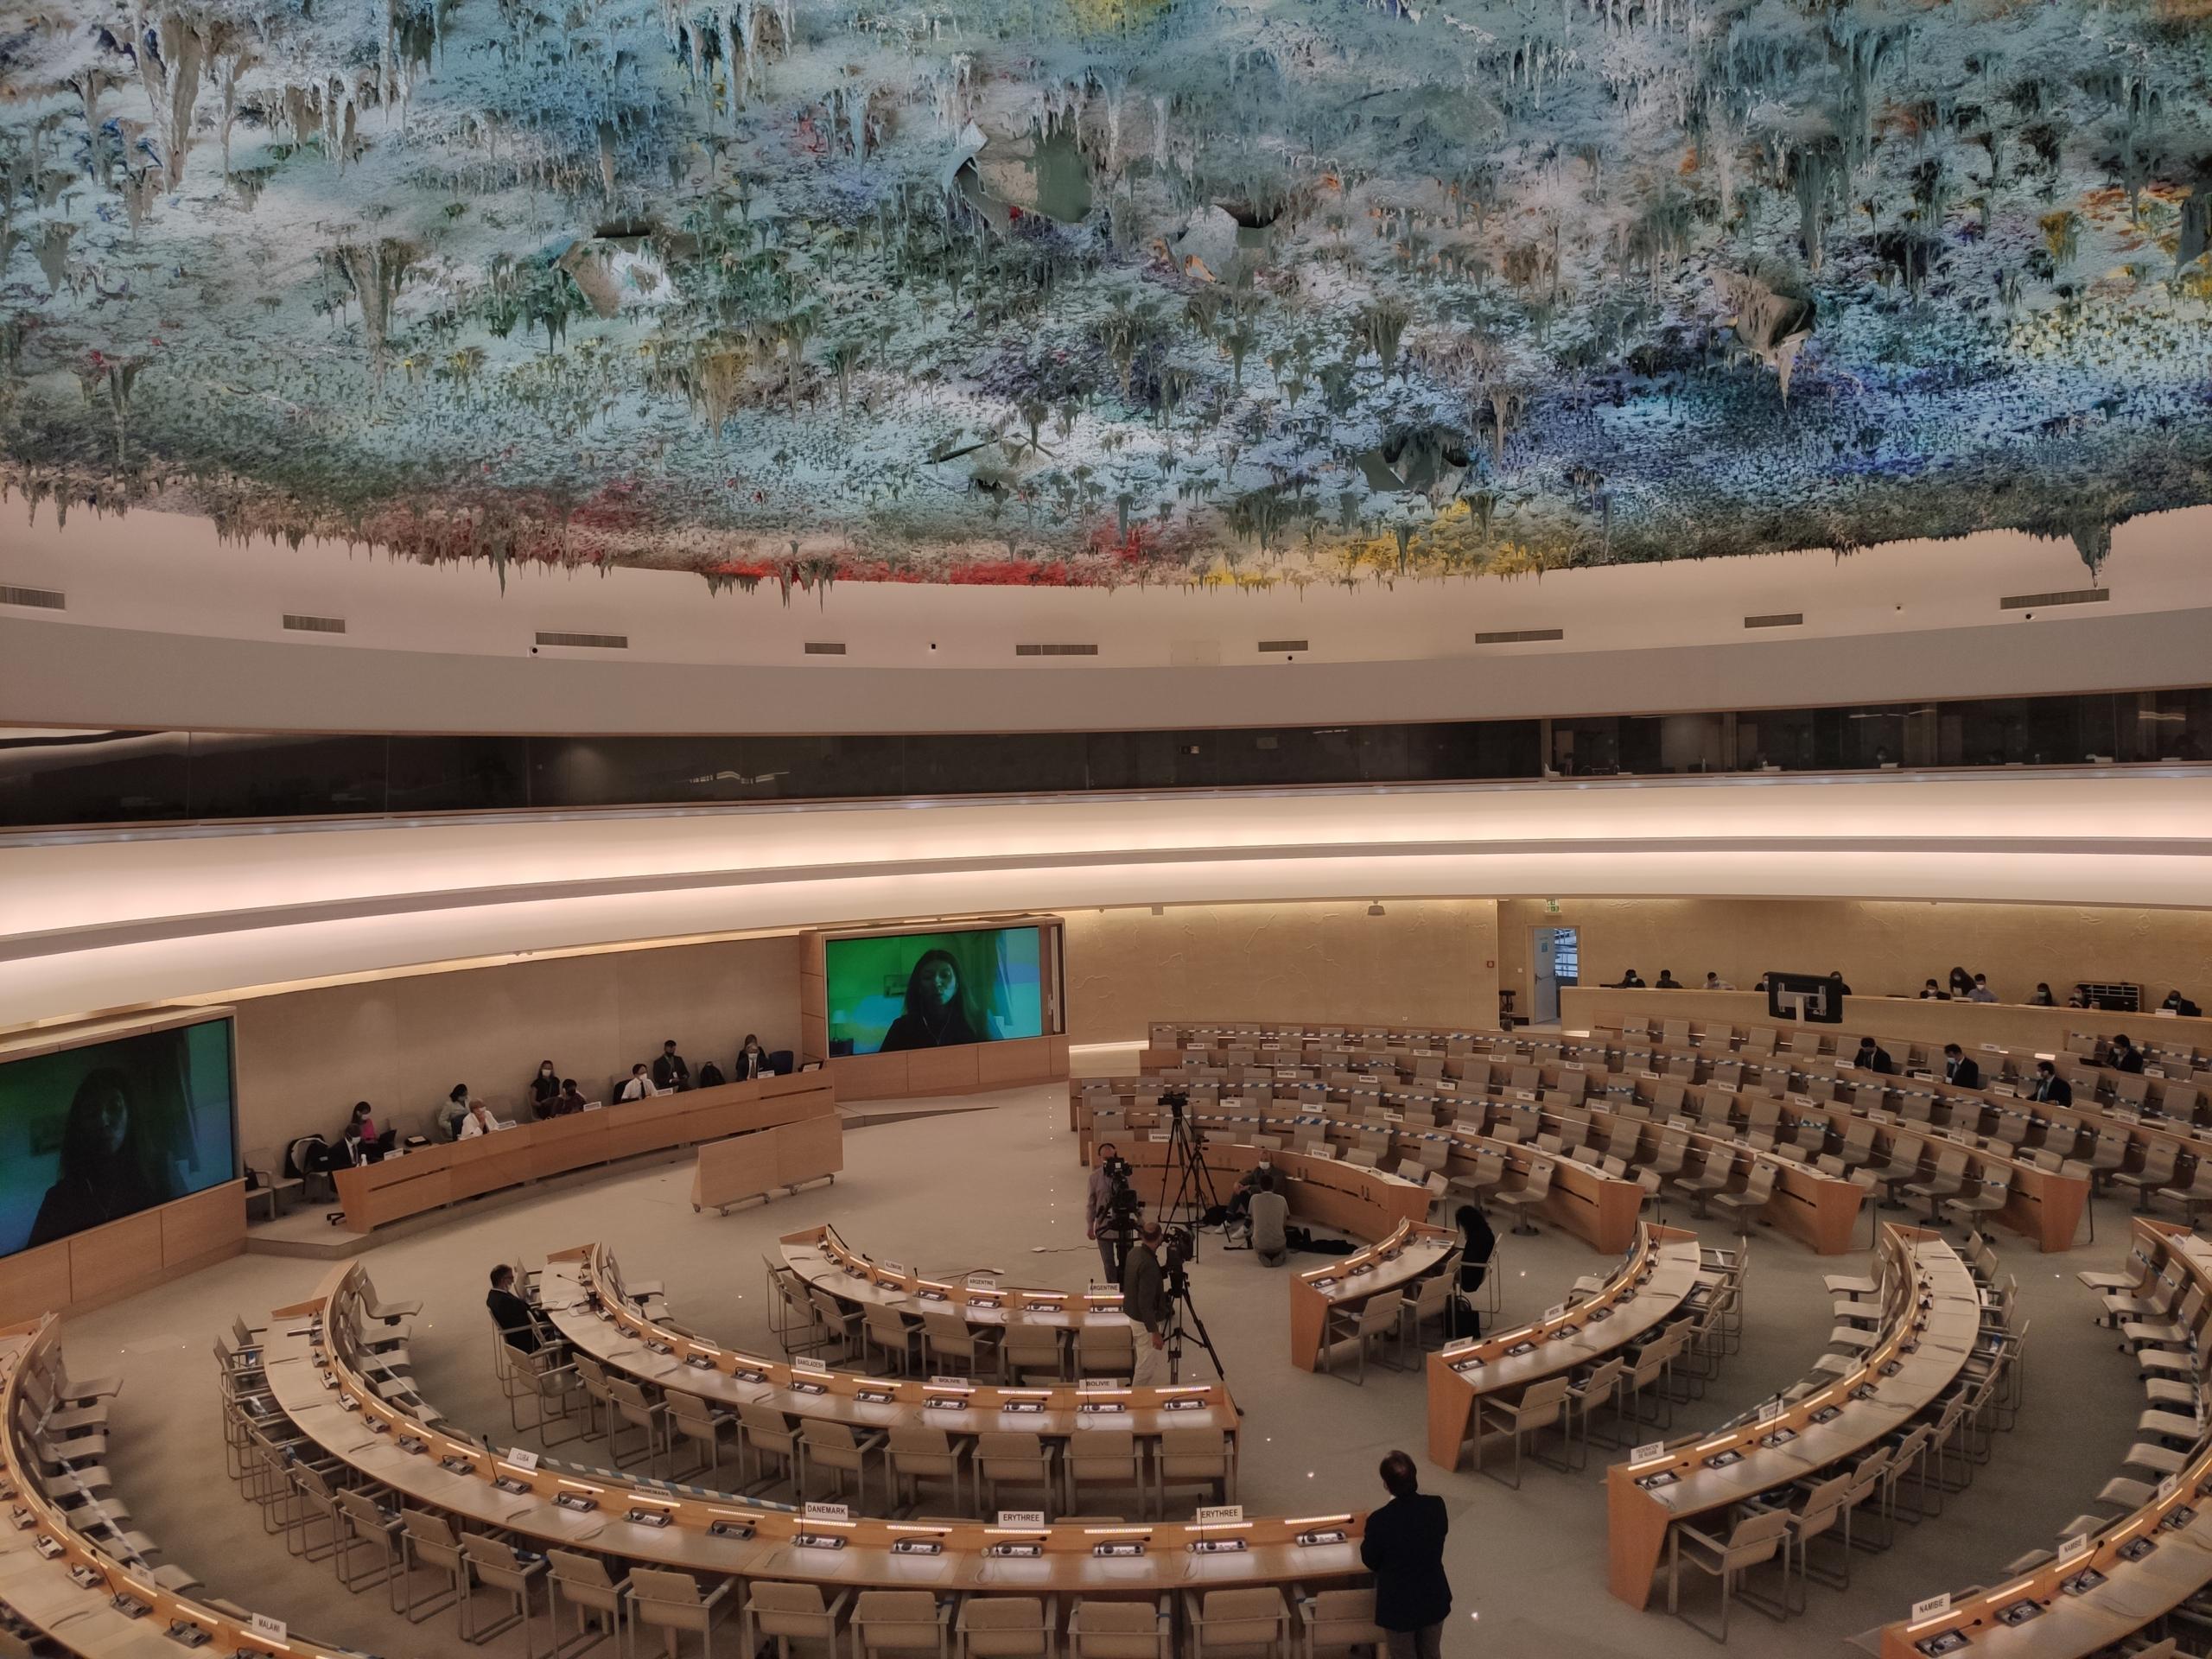 La reunió sobre l'Afganistan del Consell de Drets Humans de l'Organització de les Nacions Unides (ONU), a Ginebra / Marc Solanes